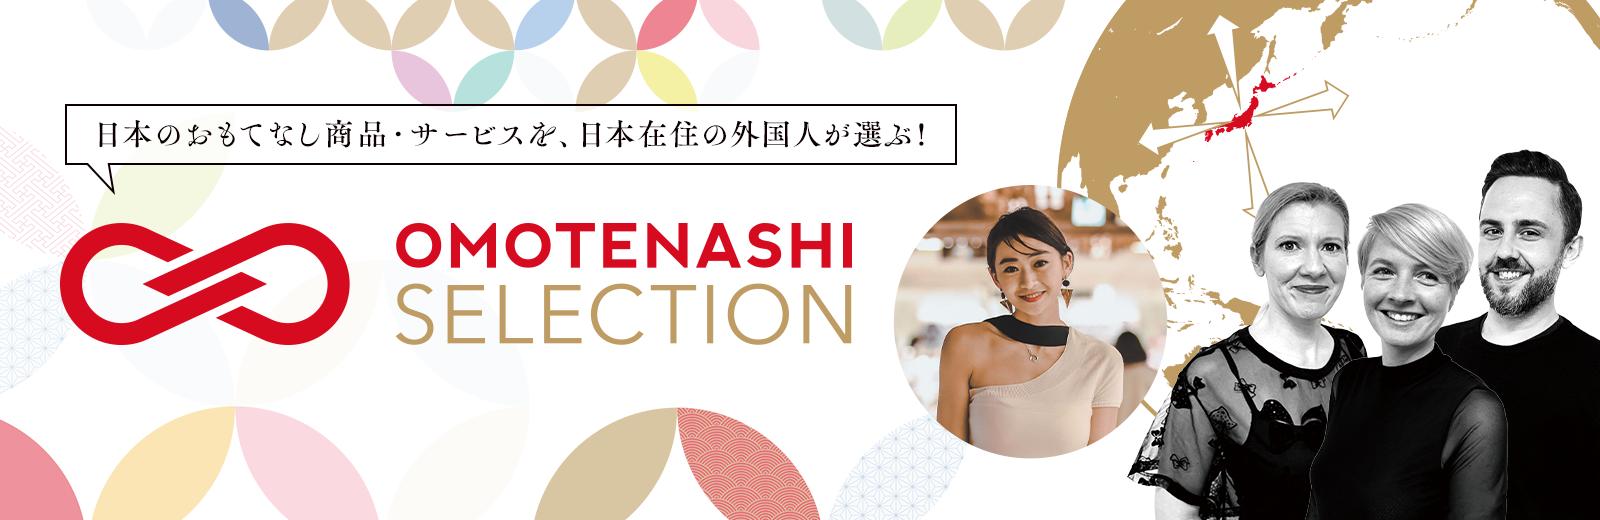 「OMOTENASHI Selection 2019」 2020年に向けて海外・インバウンド施策を拡充し、募集開始!